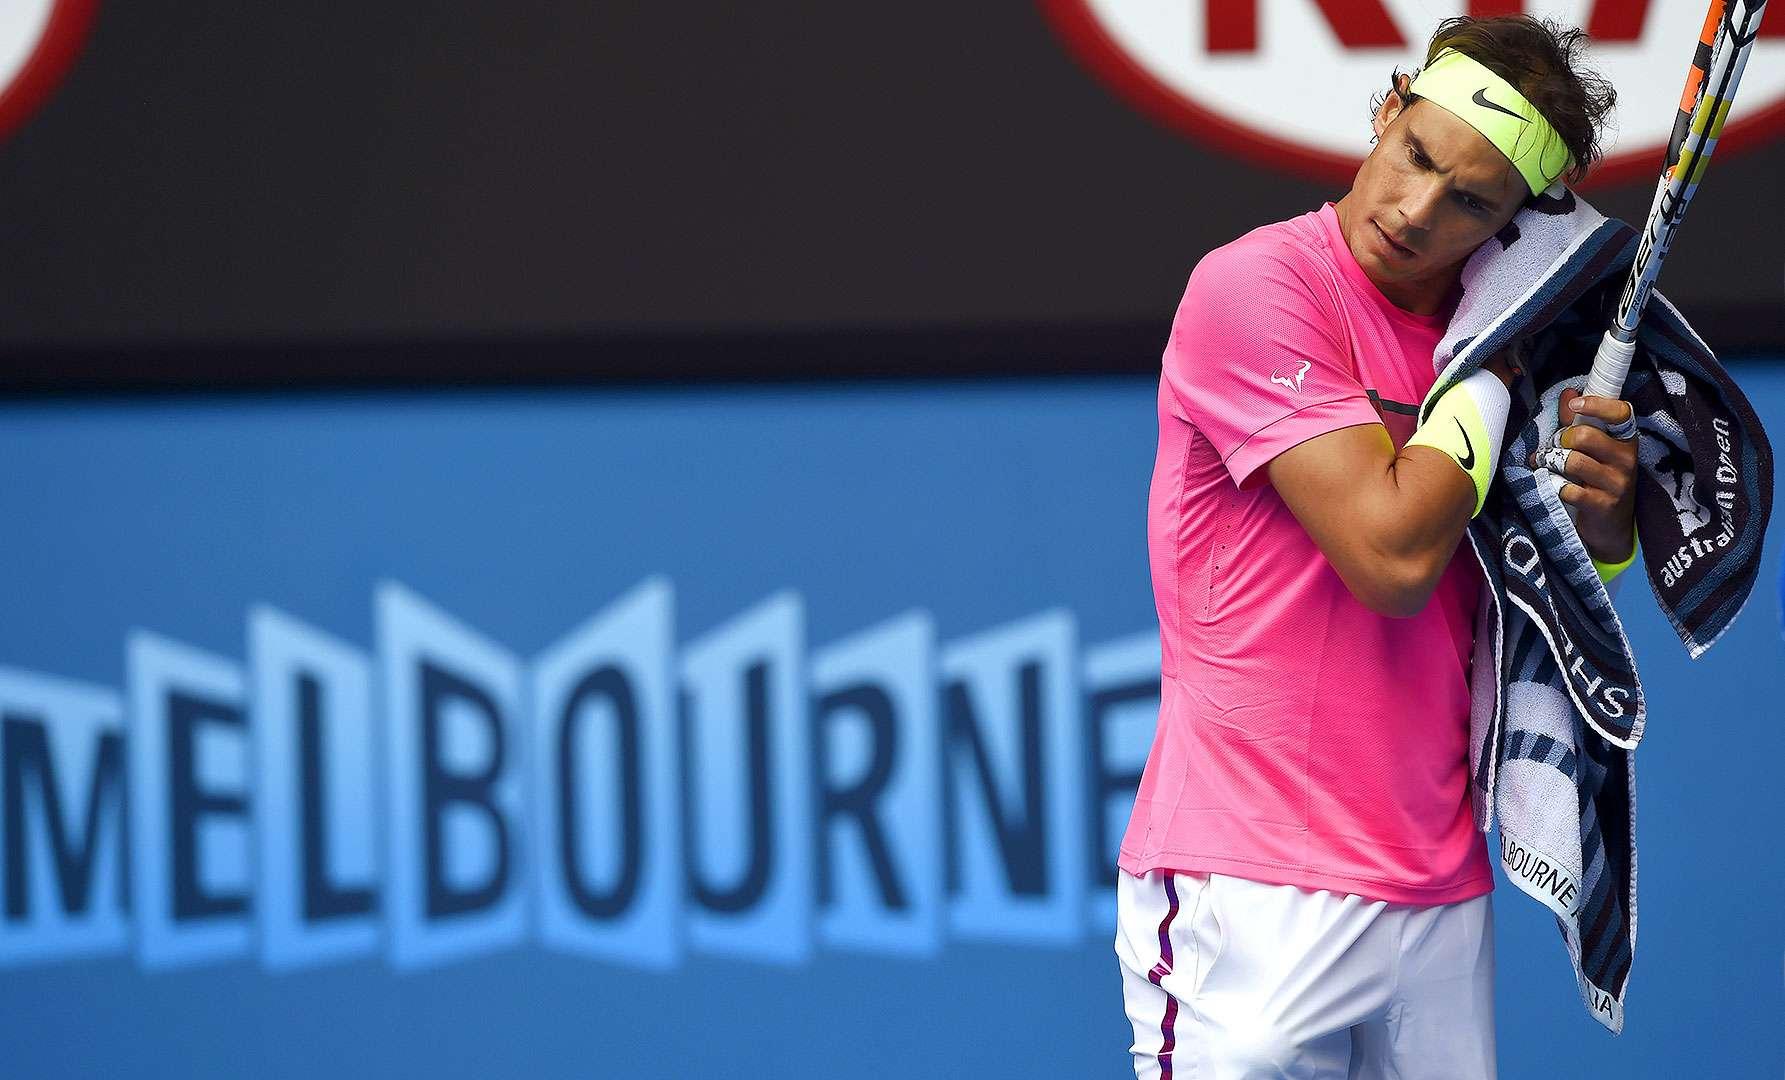 El español Rafael Nadal se despidió del Abierto de Australia tras caer en cuartos de final por 6-2, 6-0, 7-6 (5) ante el checo Tomas Berdych. Foto: Rob Griffith/AP